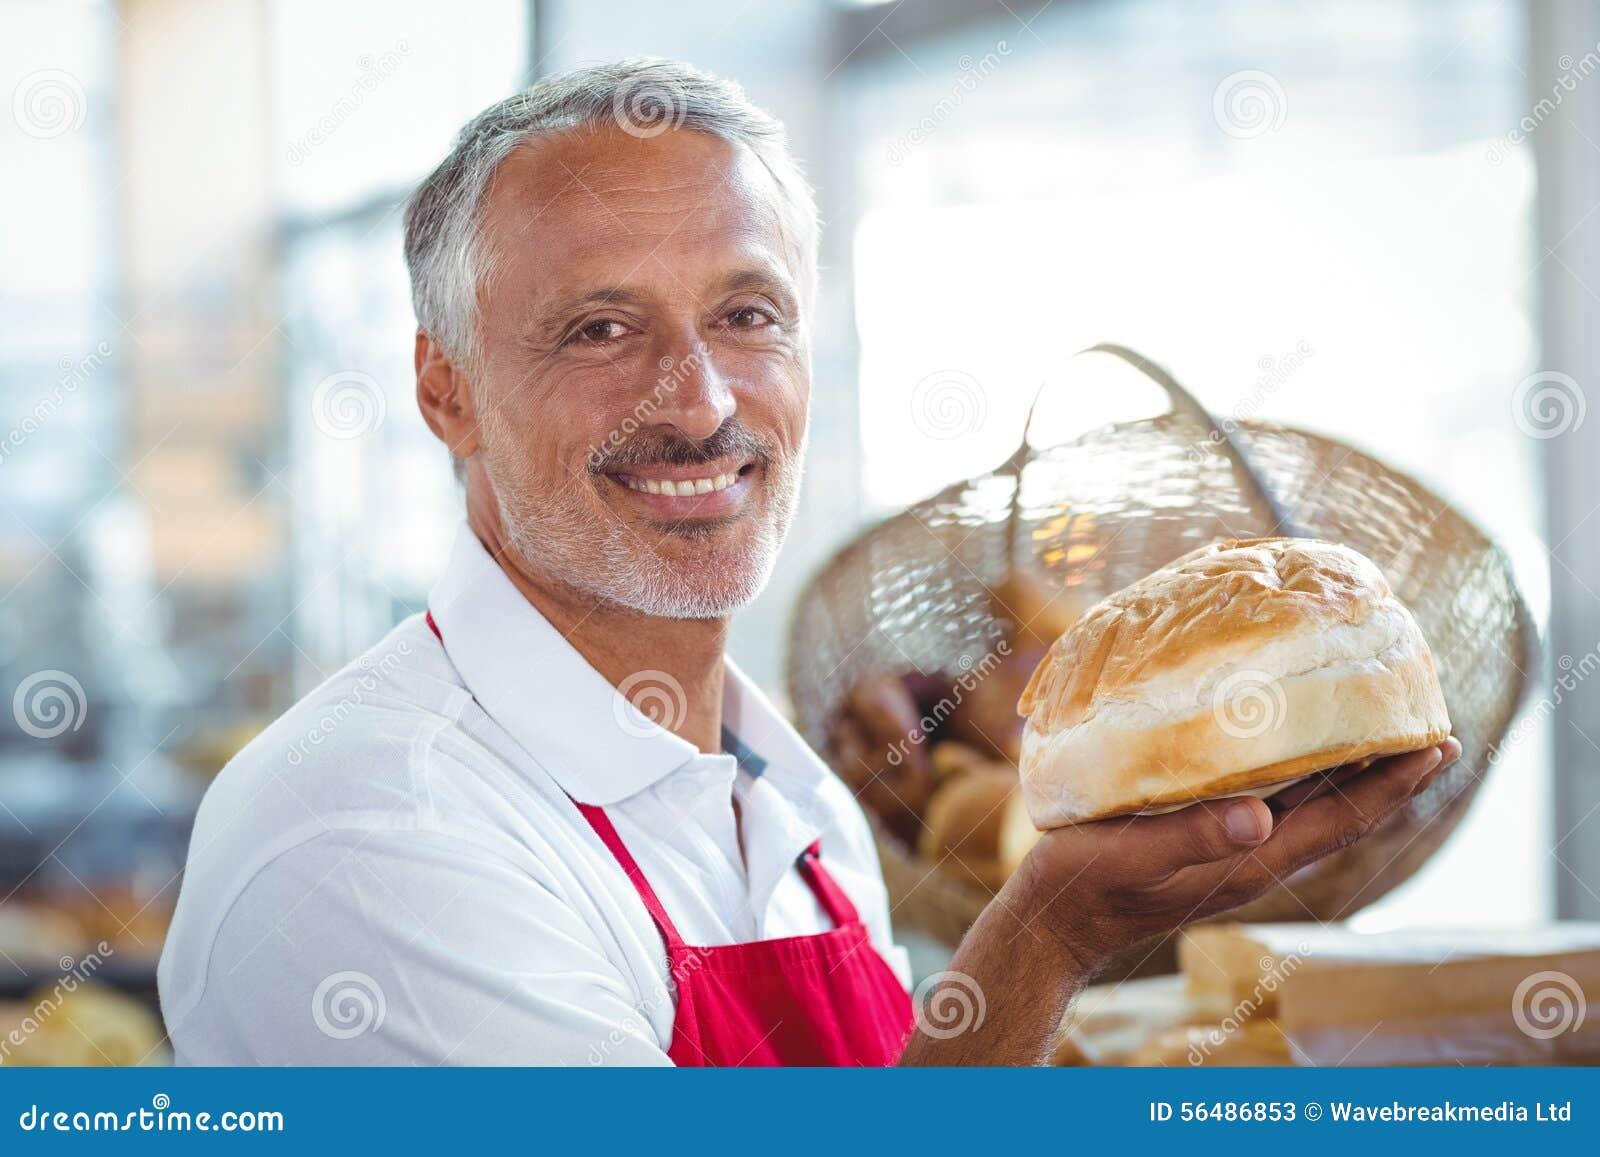 Serveur regardant l appareil-photo et tenant le pain fraîchement cuit au four